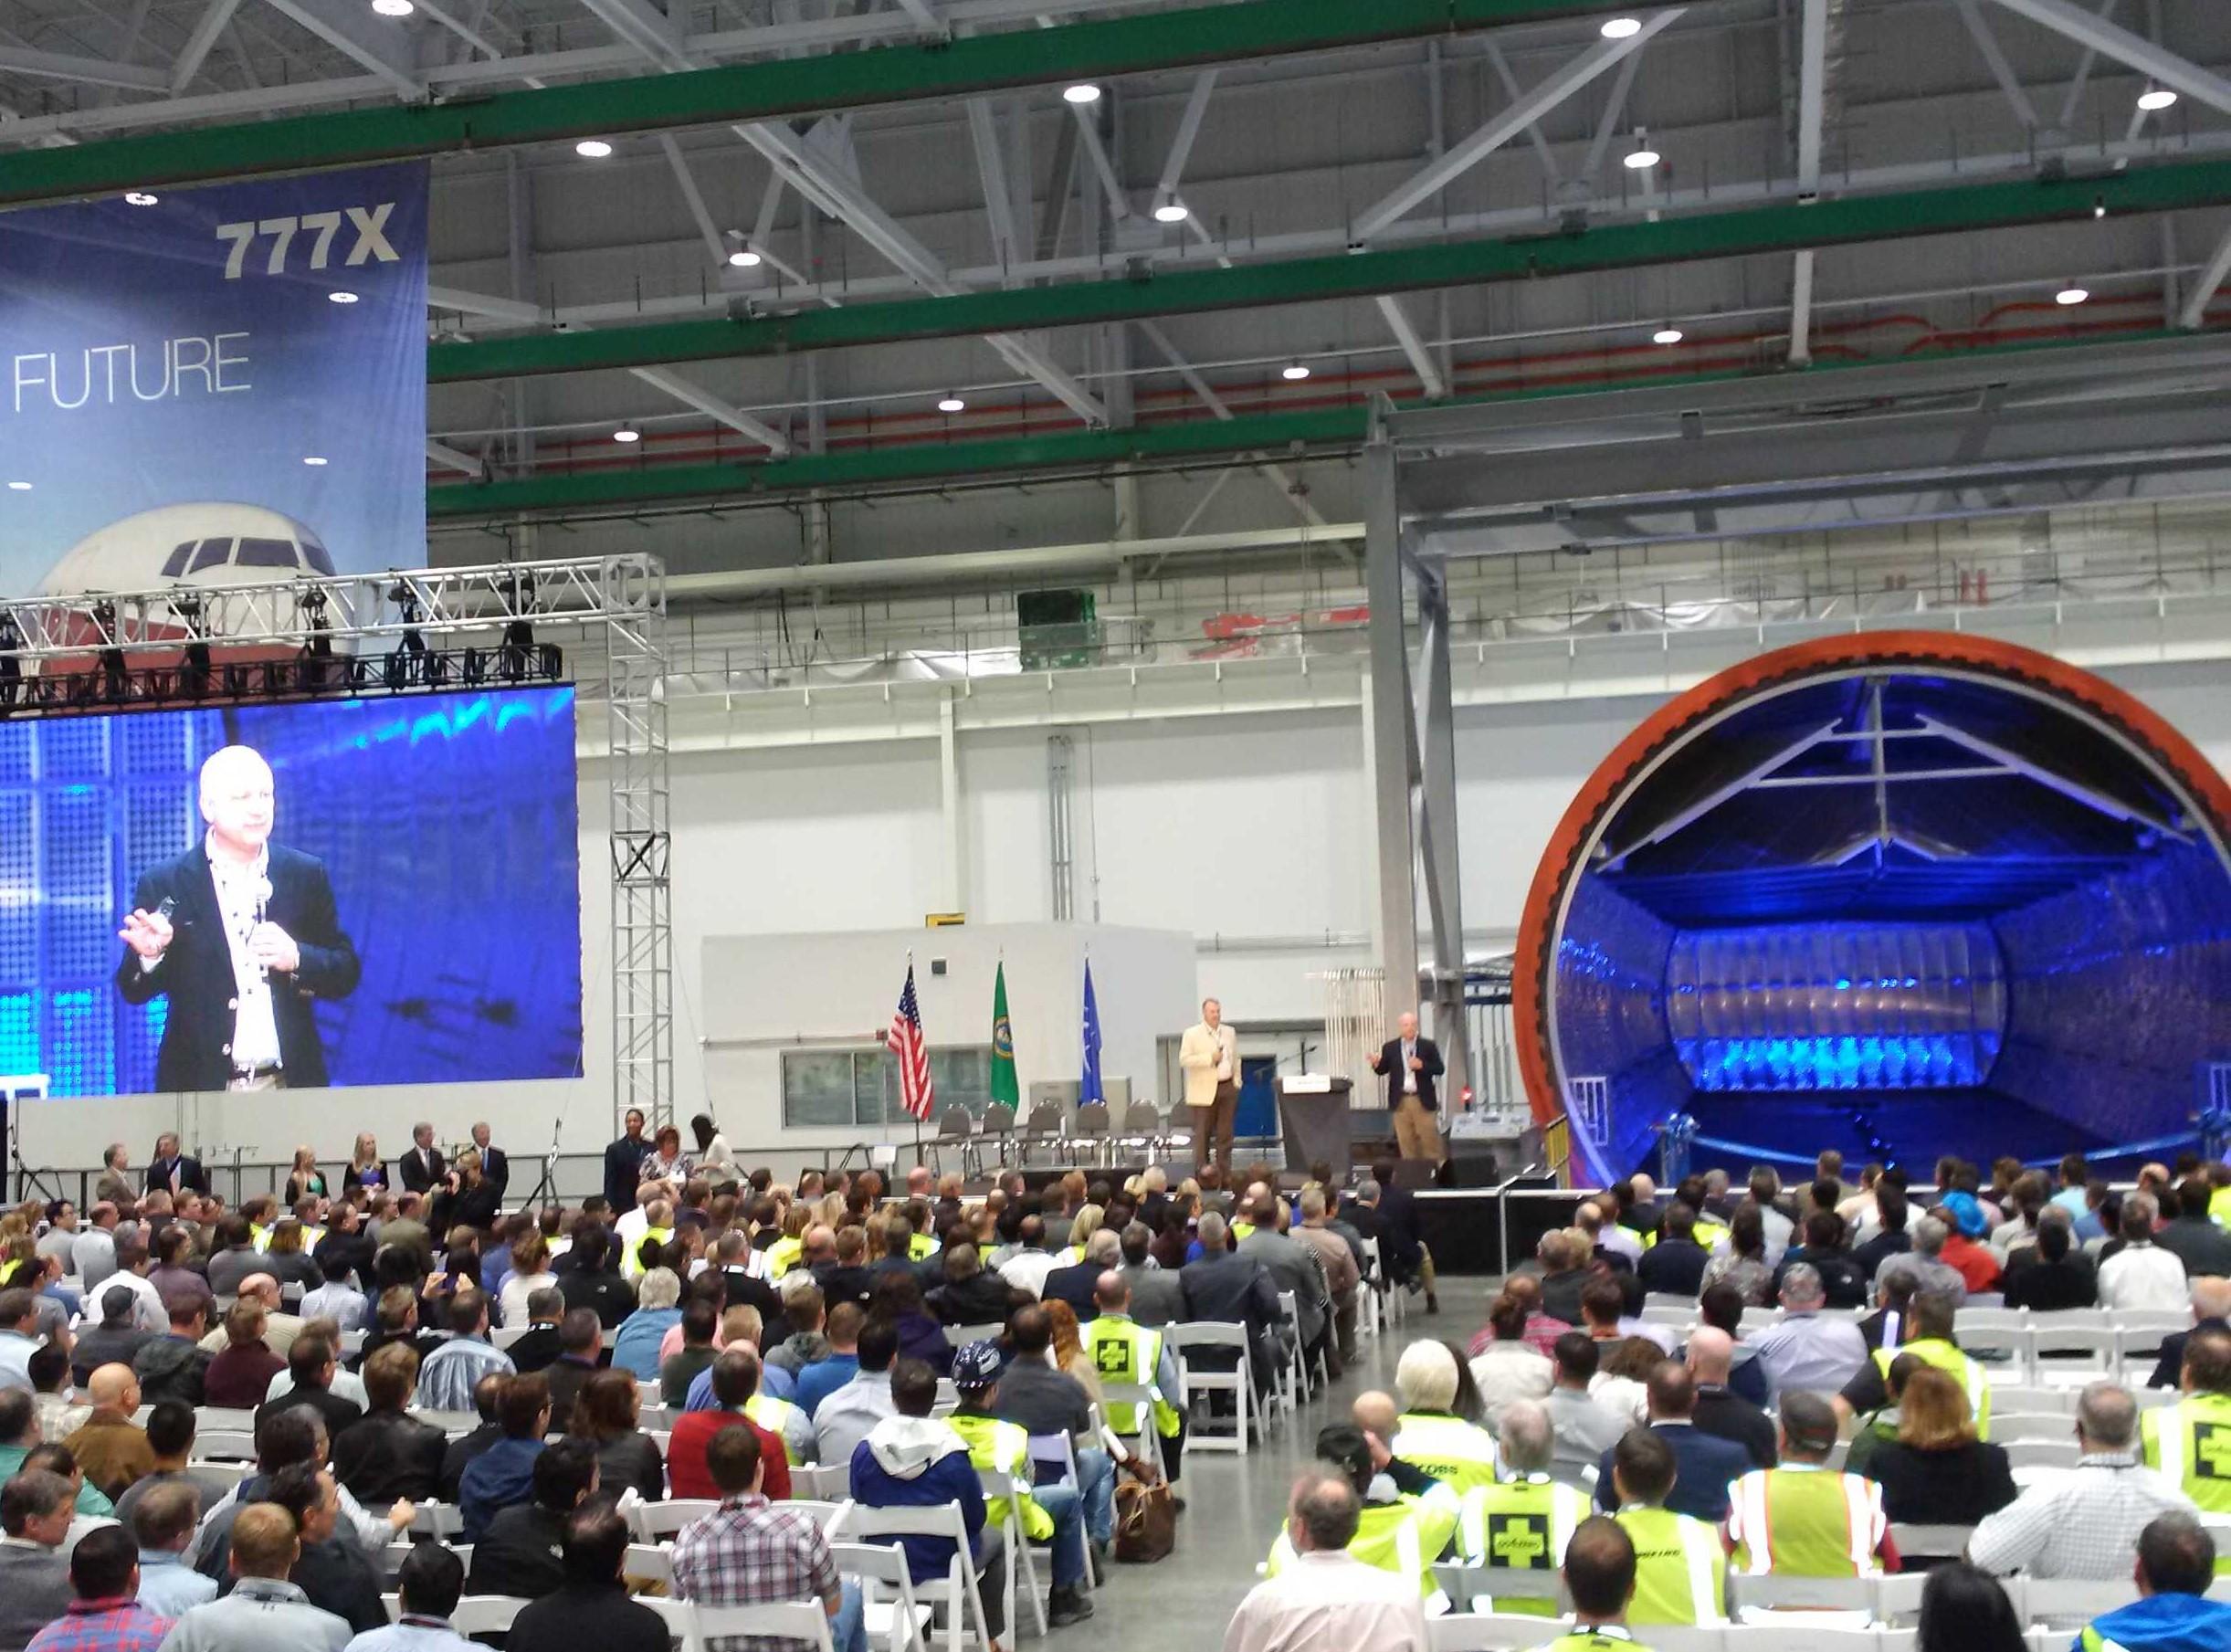 Resultado de imagen para Boeing 777x production